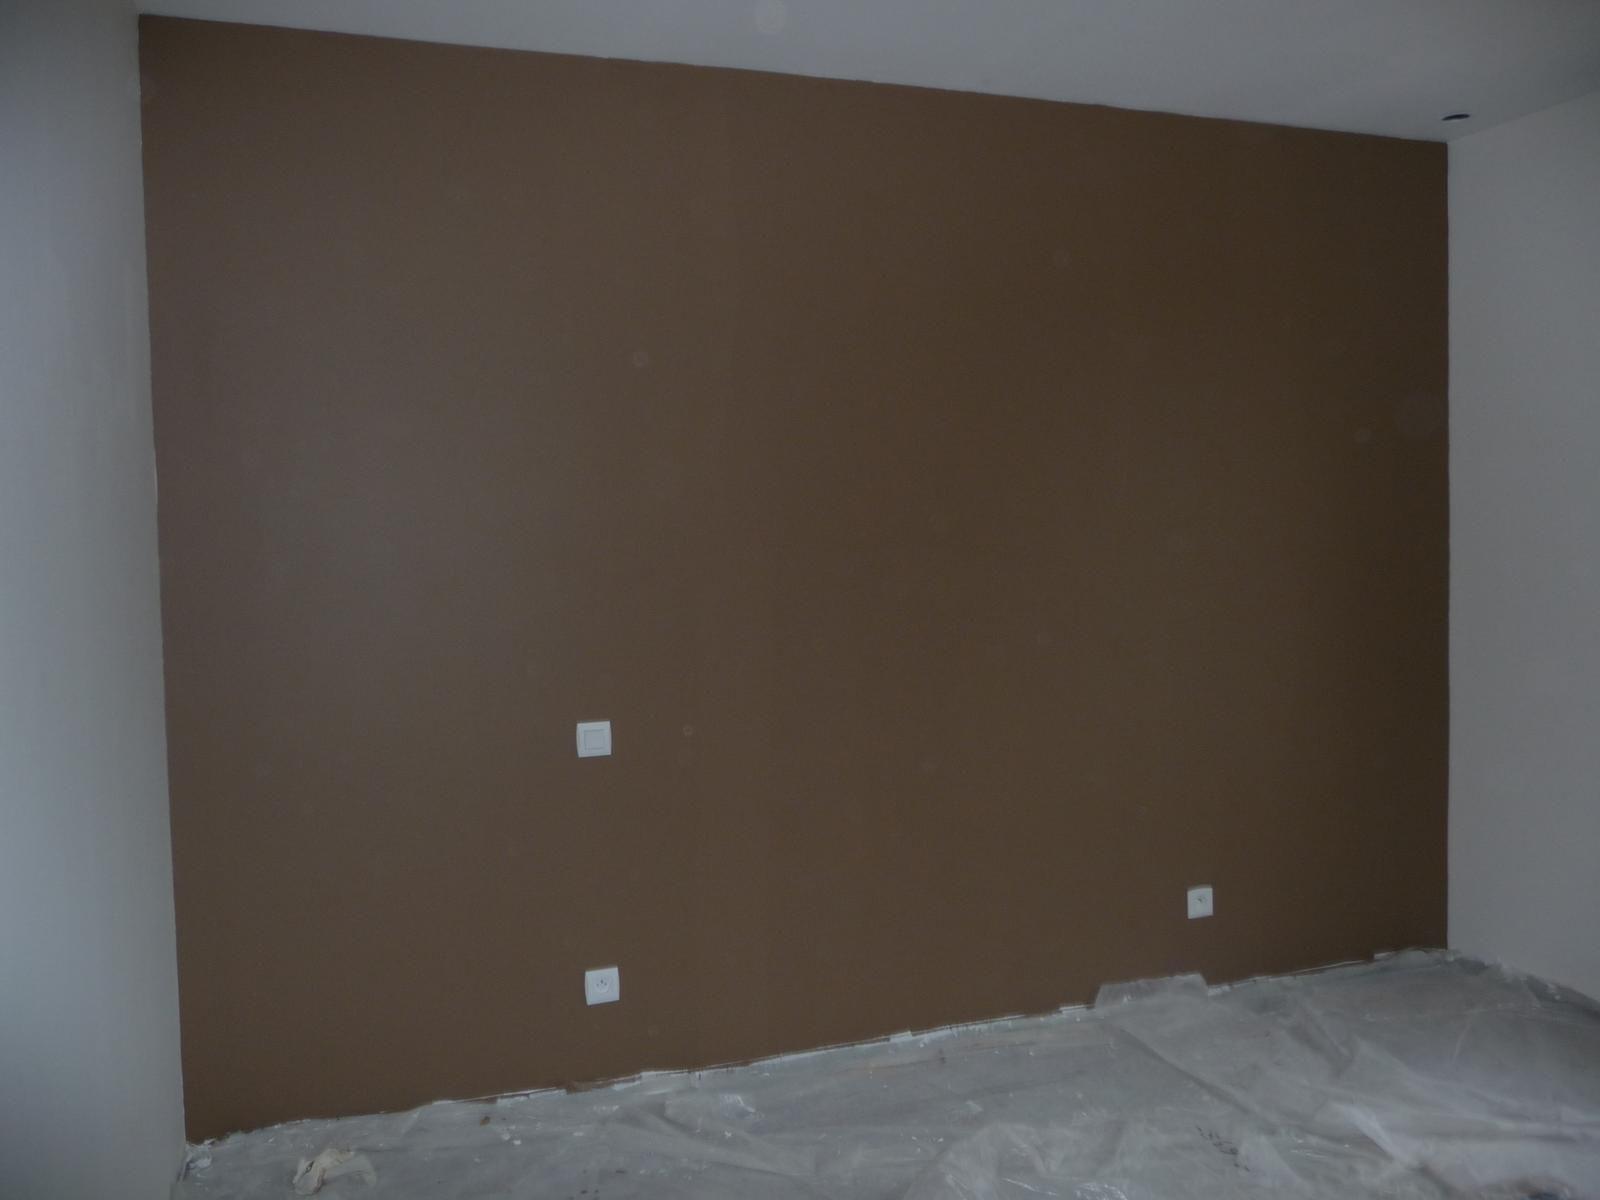 La finition pour une bonne impression  Notre maison ossature bois